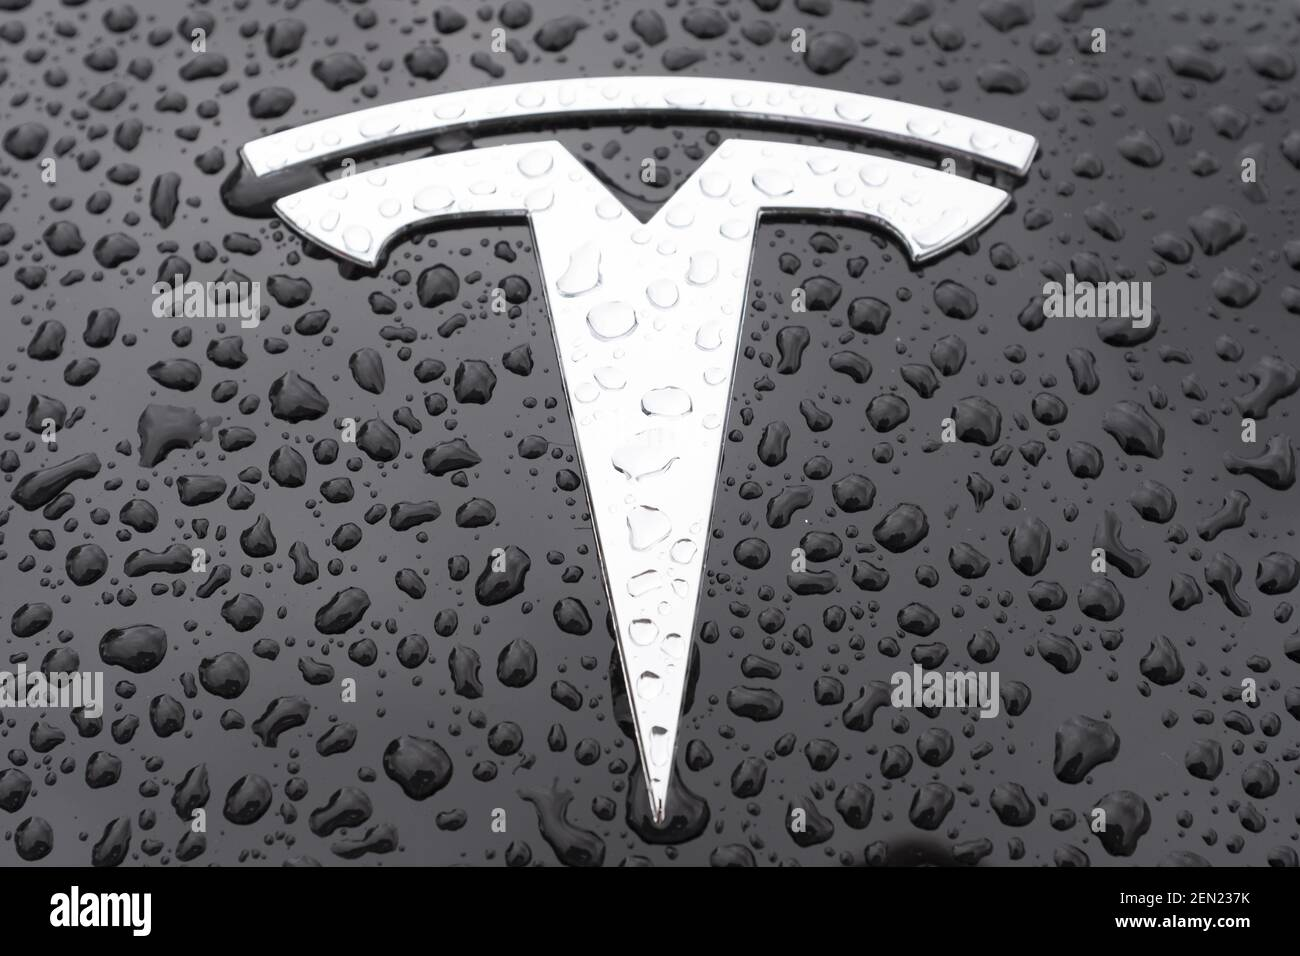 Un'auto Tesla Model 3 è stata presentata in uno showroom a Palo Alto, California, Stati Uniti il 21 maggio 2019. Tesla annuncia che sta riducendo il SUV Model X per 2,000 dollari e l'auto Model S per 3,000 dollari dopo aver sollevato preoccupazioni circa l'affievolimento dell'interesse per le sue auto e aver perso finora il 38% nel mercato azionario di quest'anno. (Foto di Yichuan Cao/Sipa USA) Foto Stock